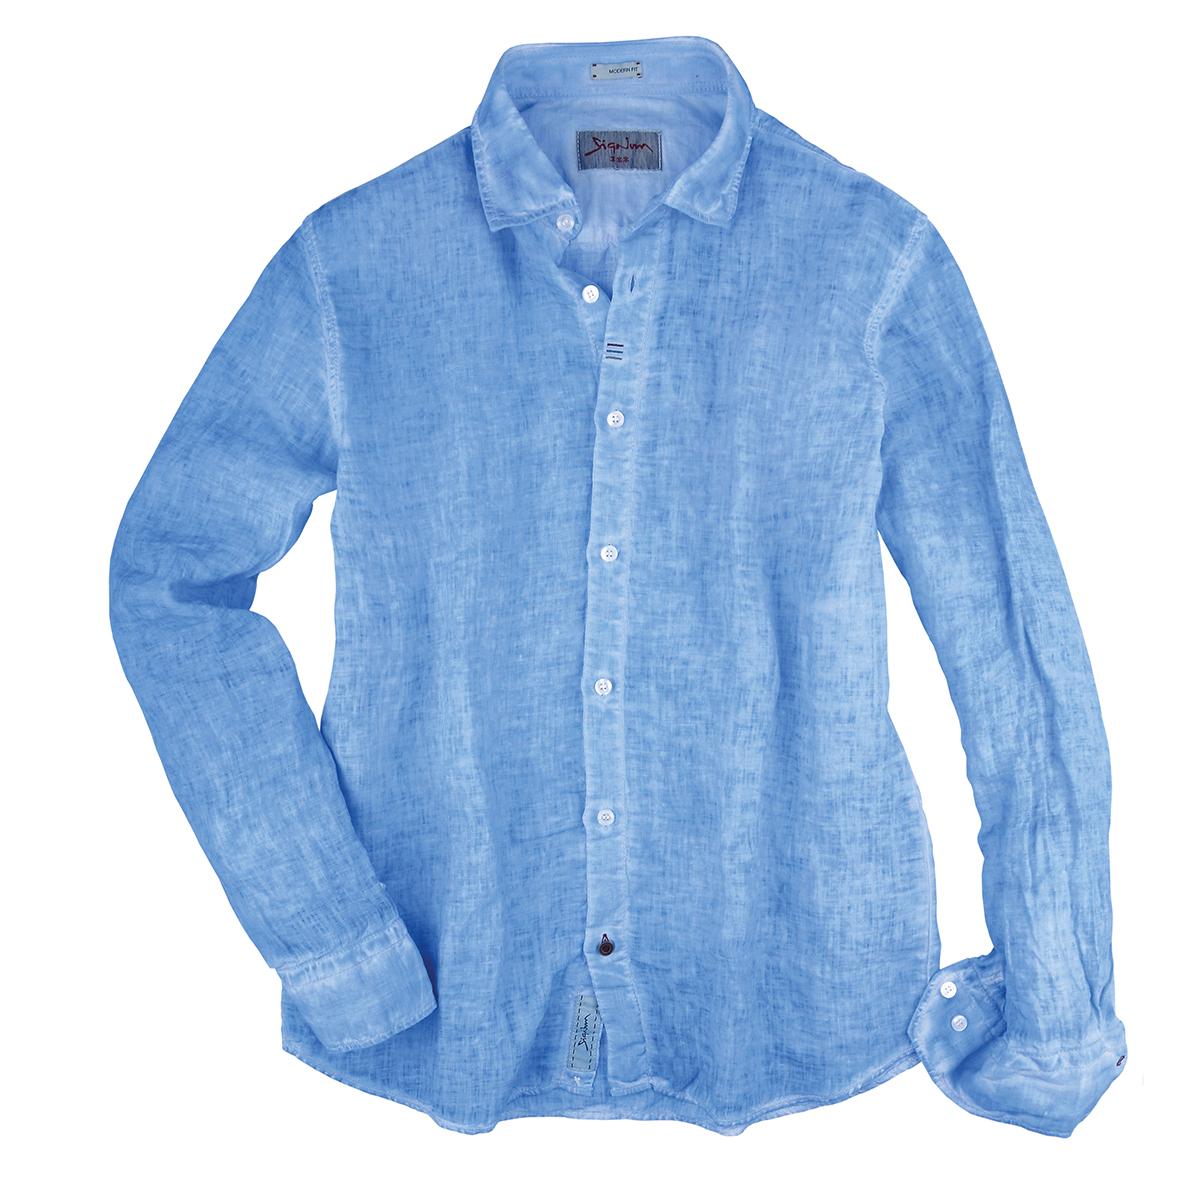 Übergrößen modisch gefärbtes Leinenhemd hellblau von Signum